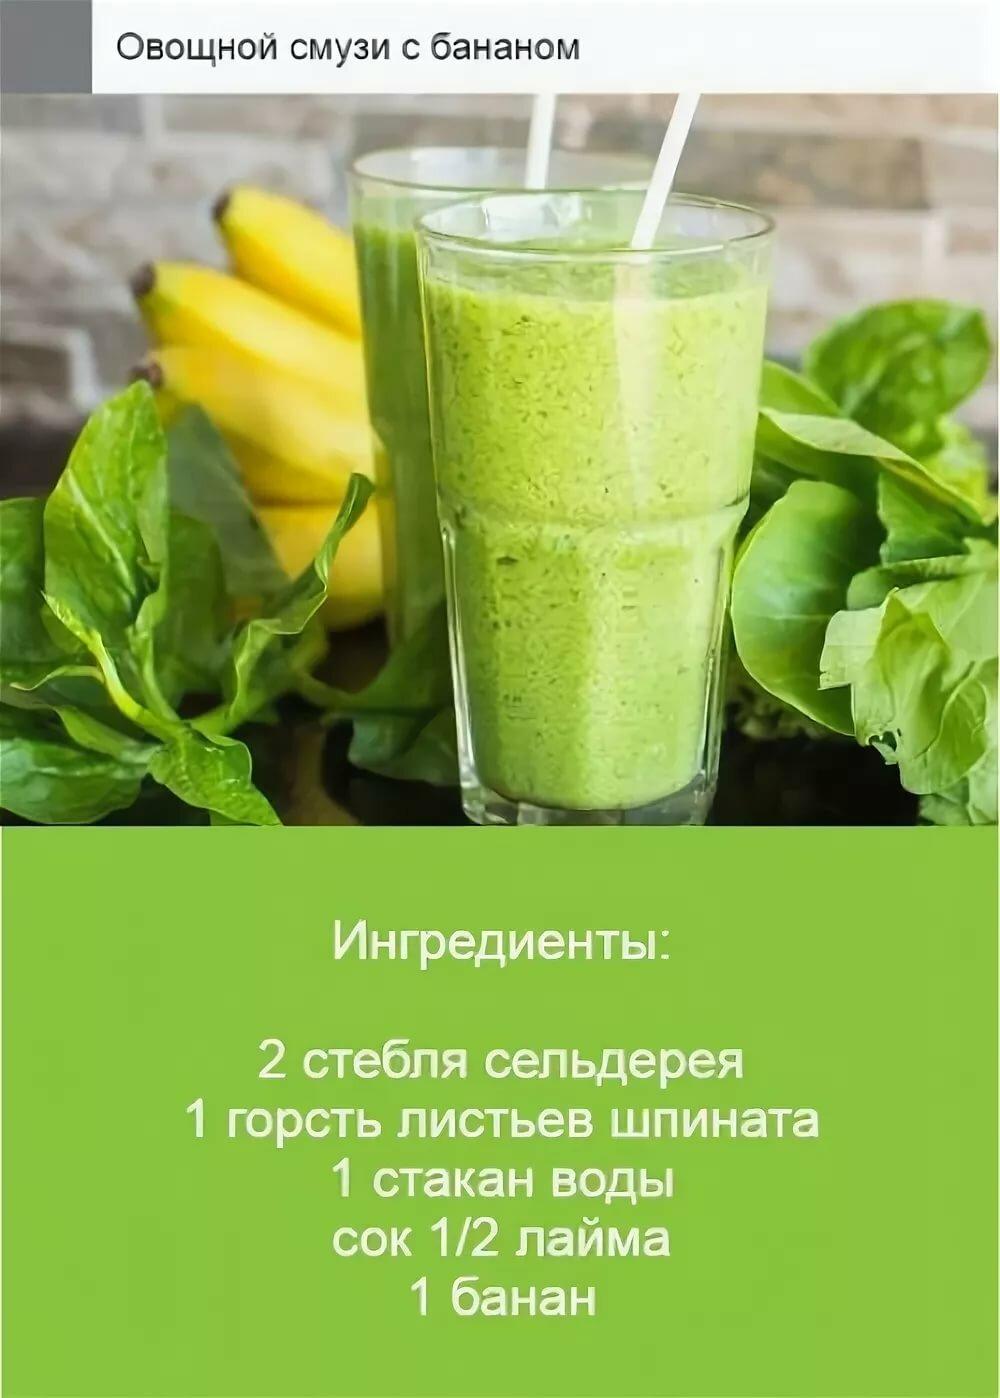 рецепты смузи для похудения в картинках